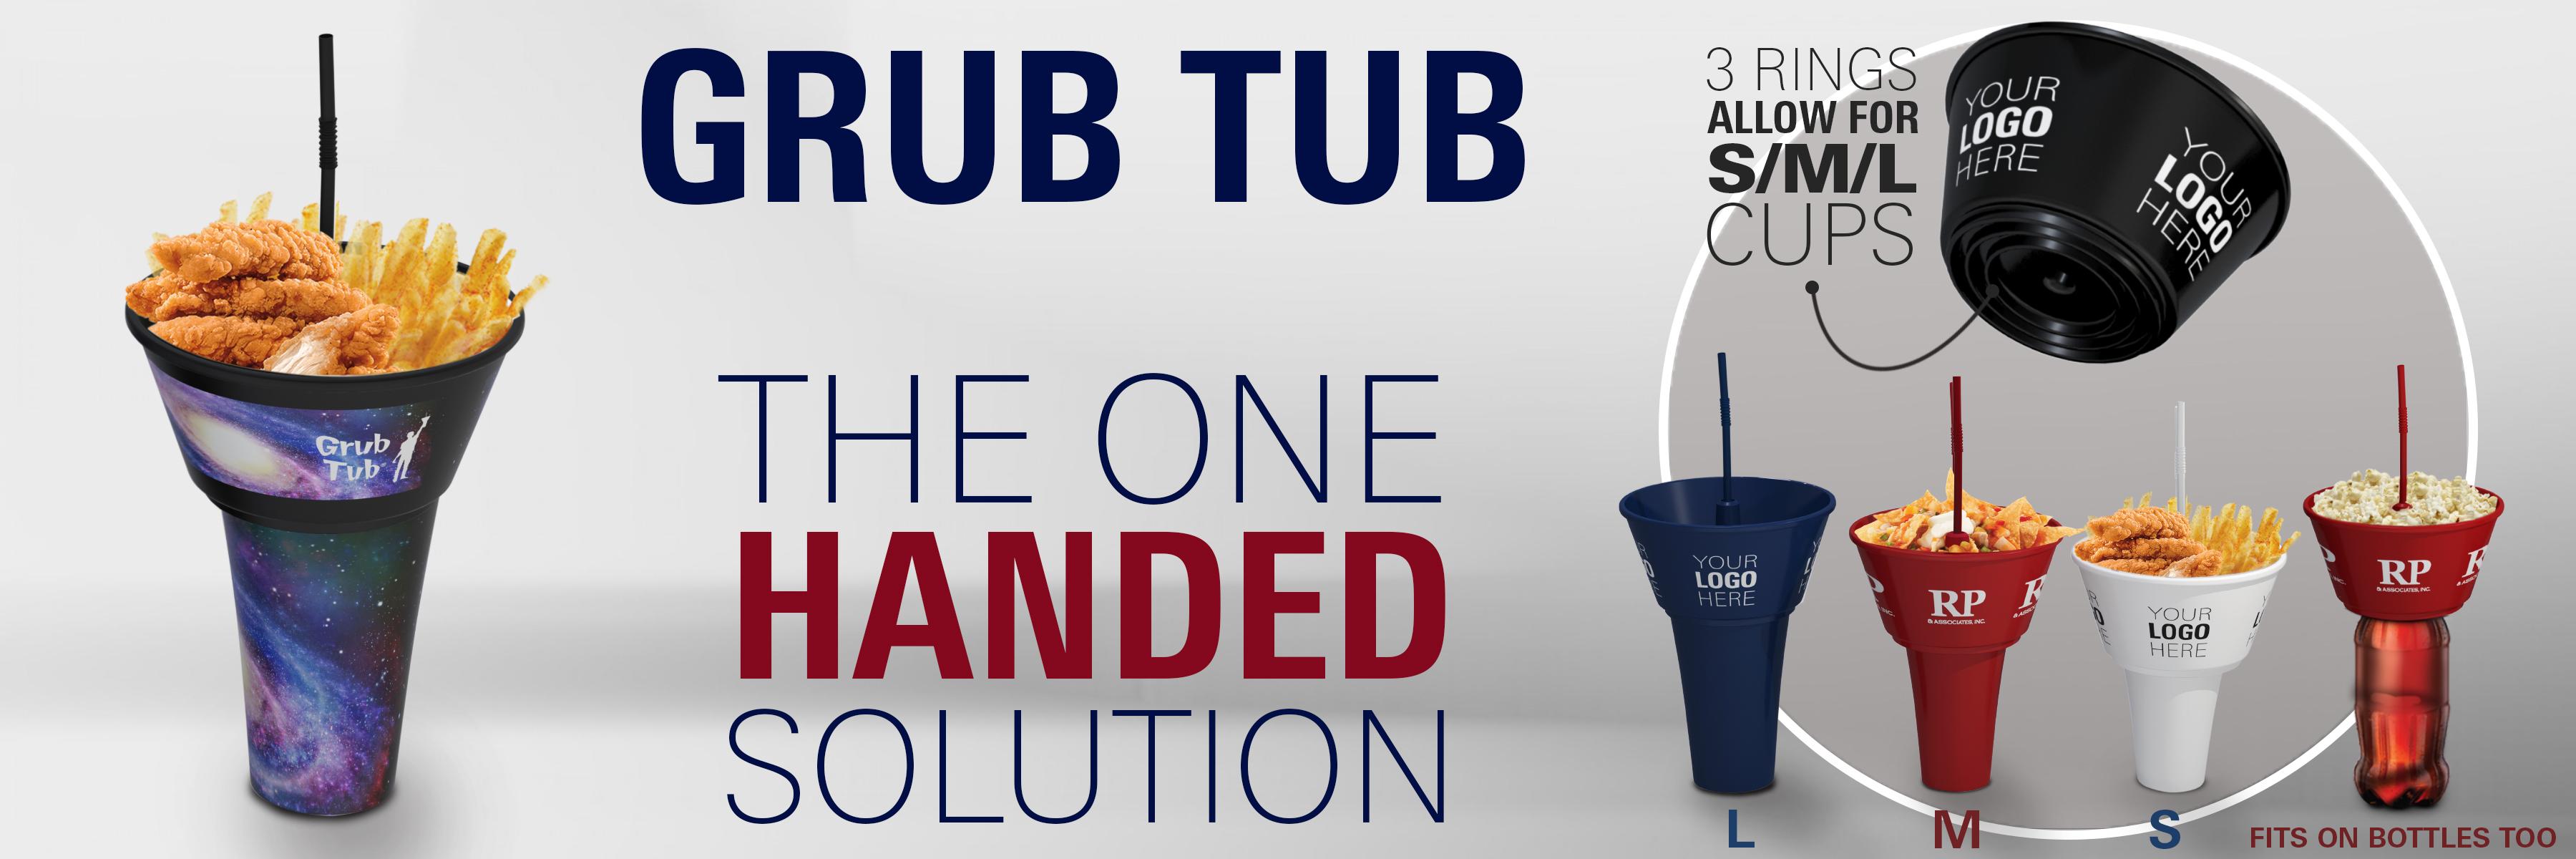 Grub Tub